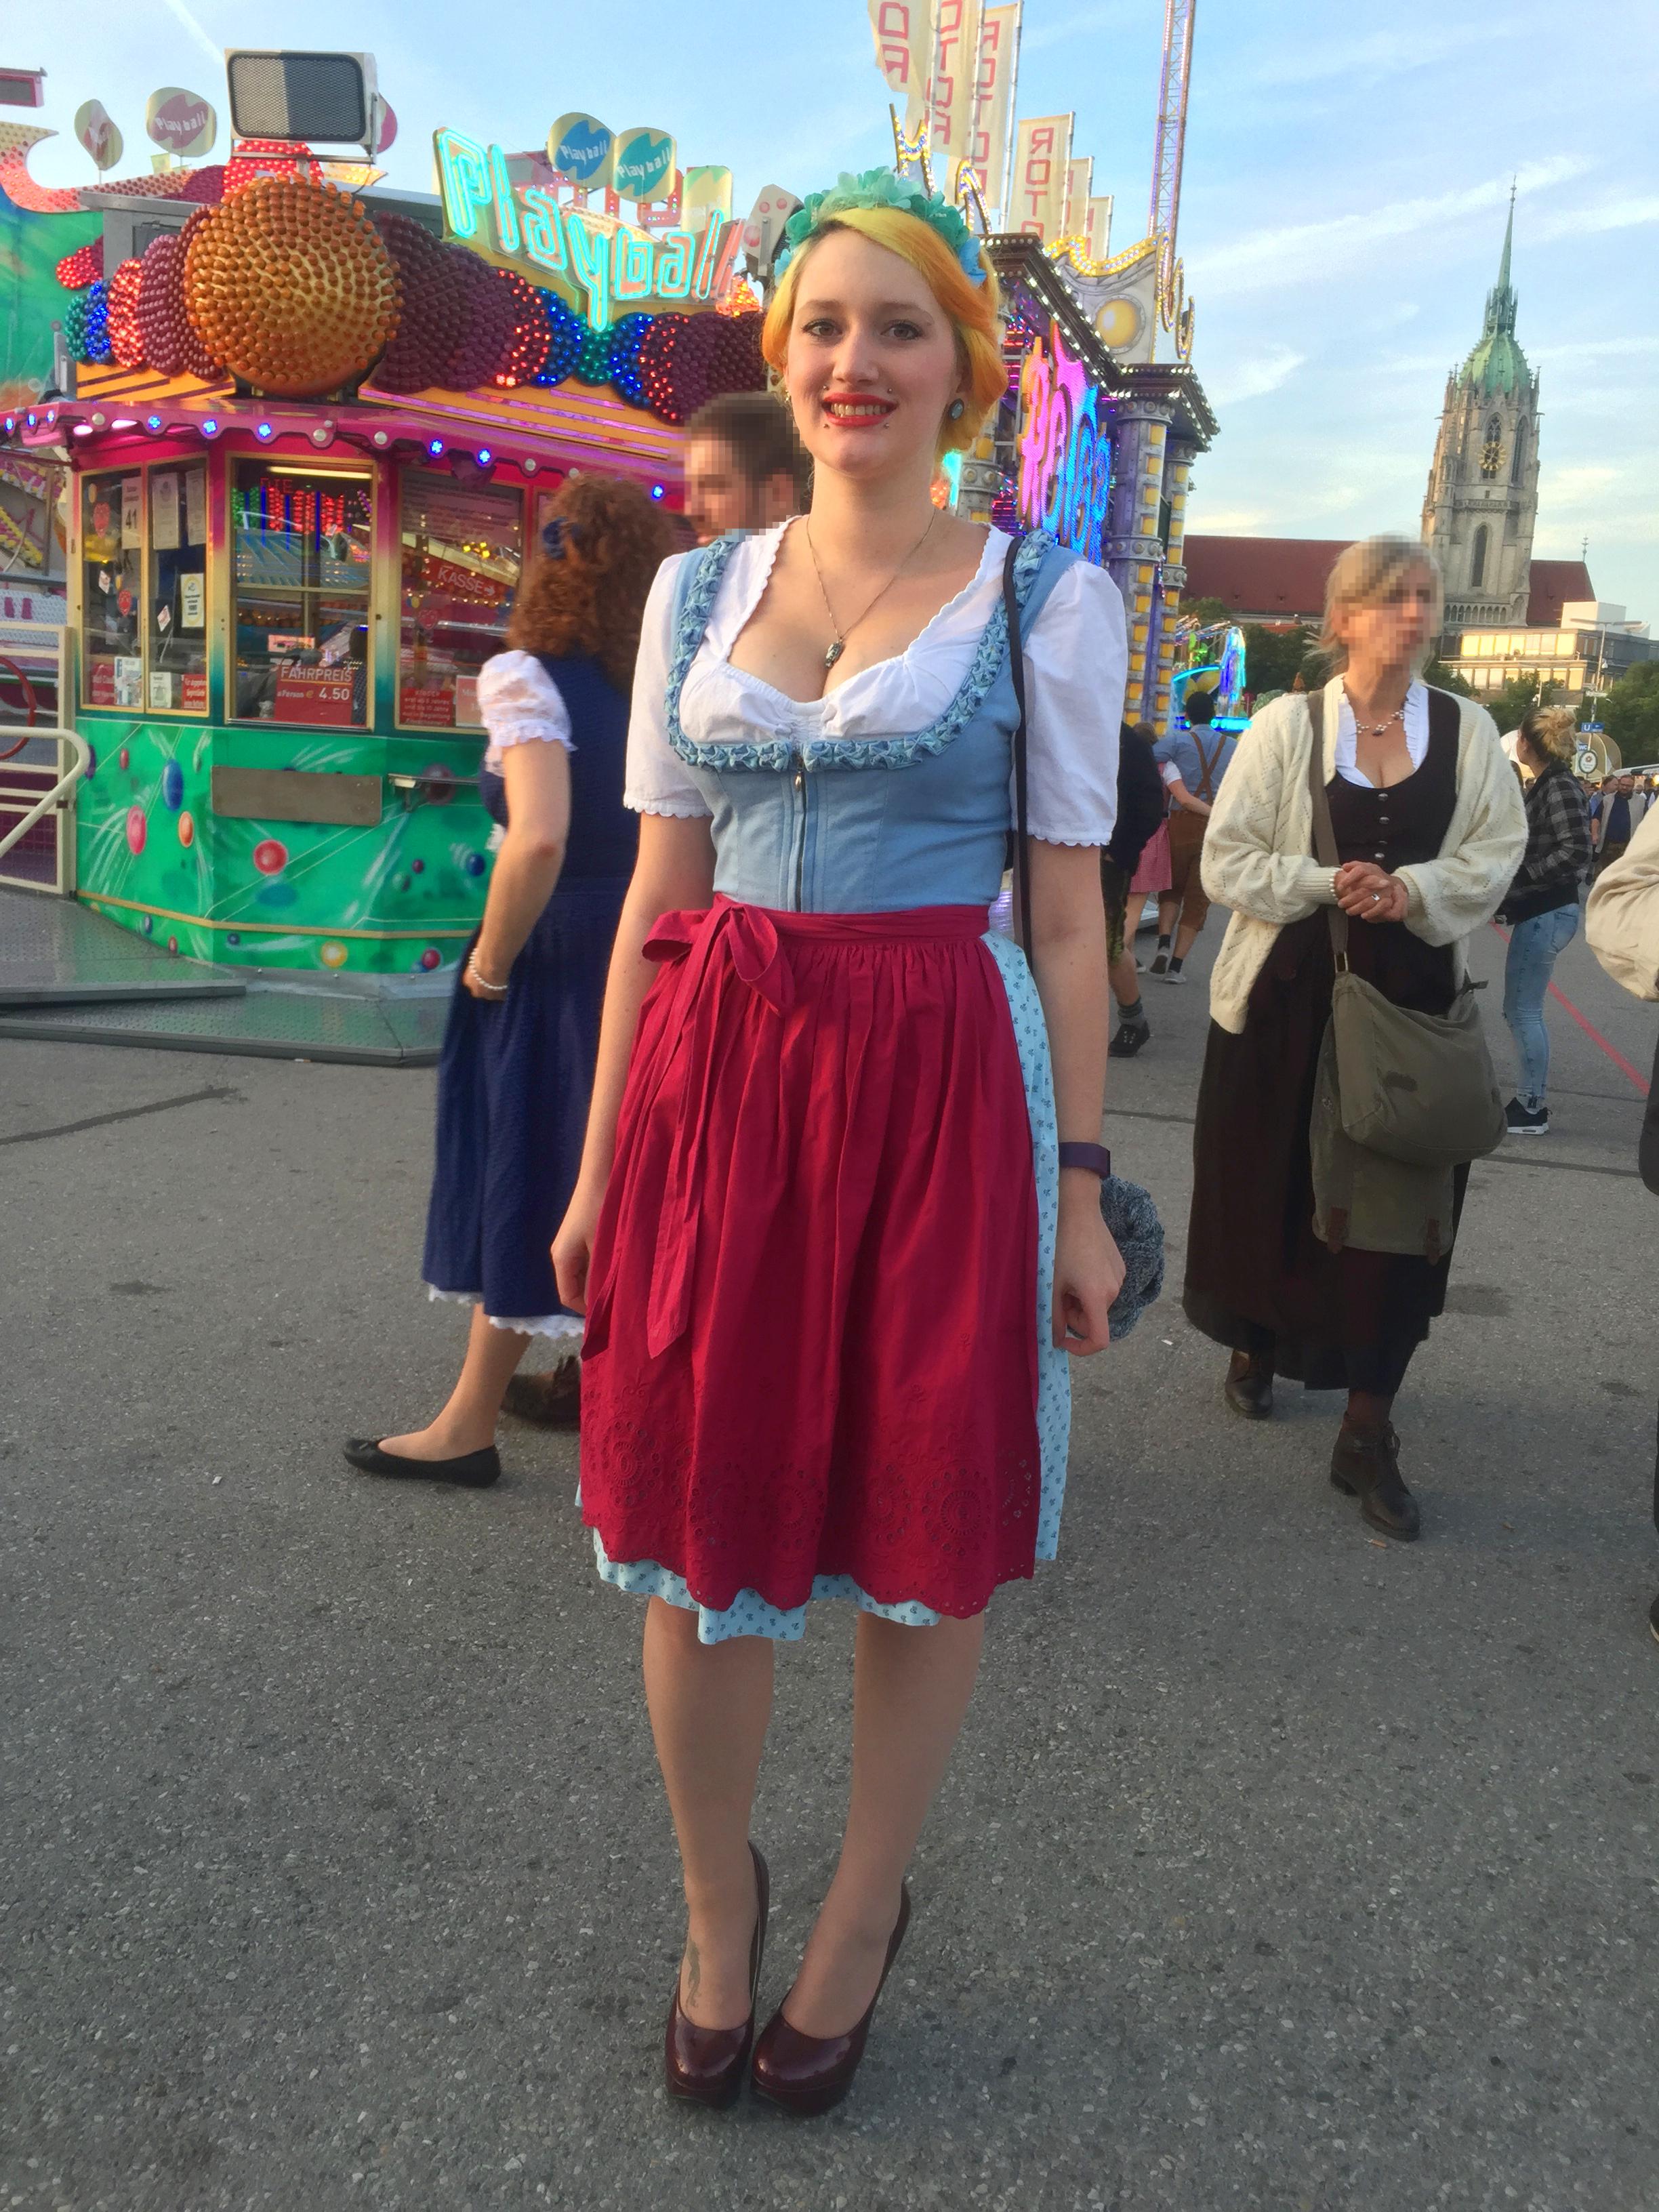 e3bfd81834921f oktoberfest-streetstyle-wiesn · wiesn_glamouroes wiesn_alternative